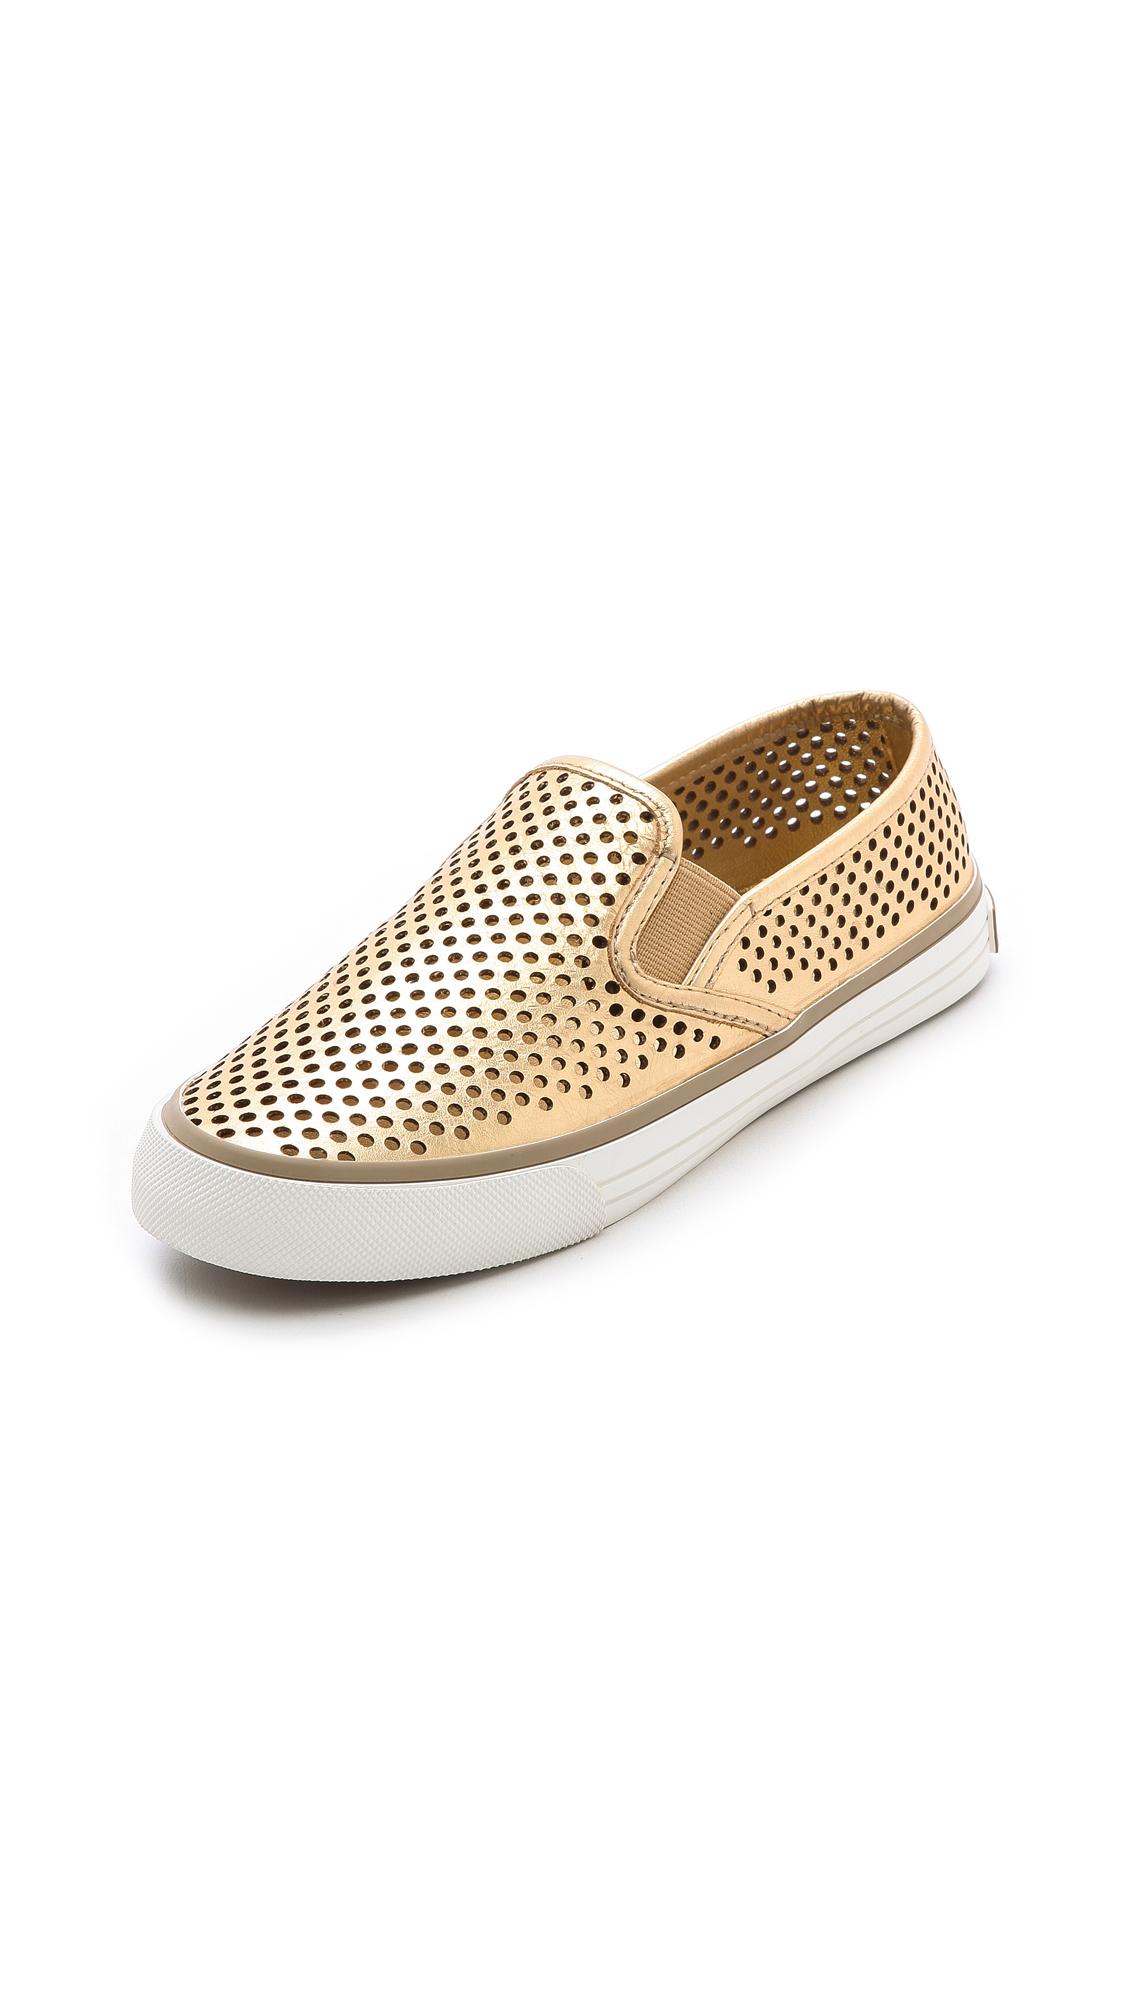 d675eeb1ad6 Lyst - Tory Burch Miles Slip On Sneakers Mayan Gold in Metallic